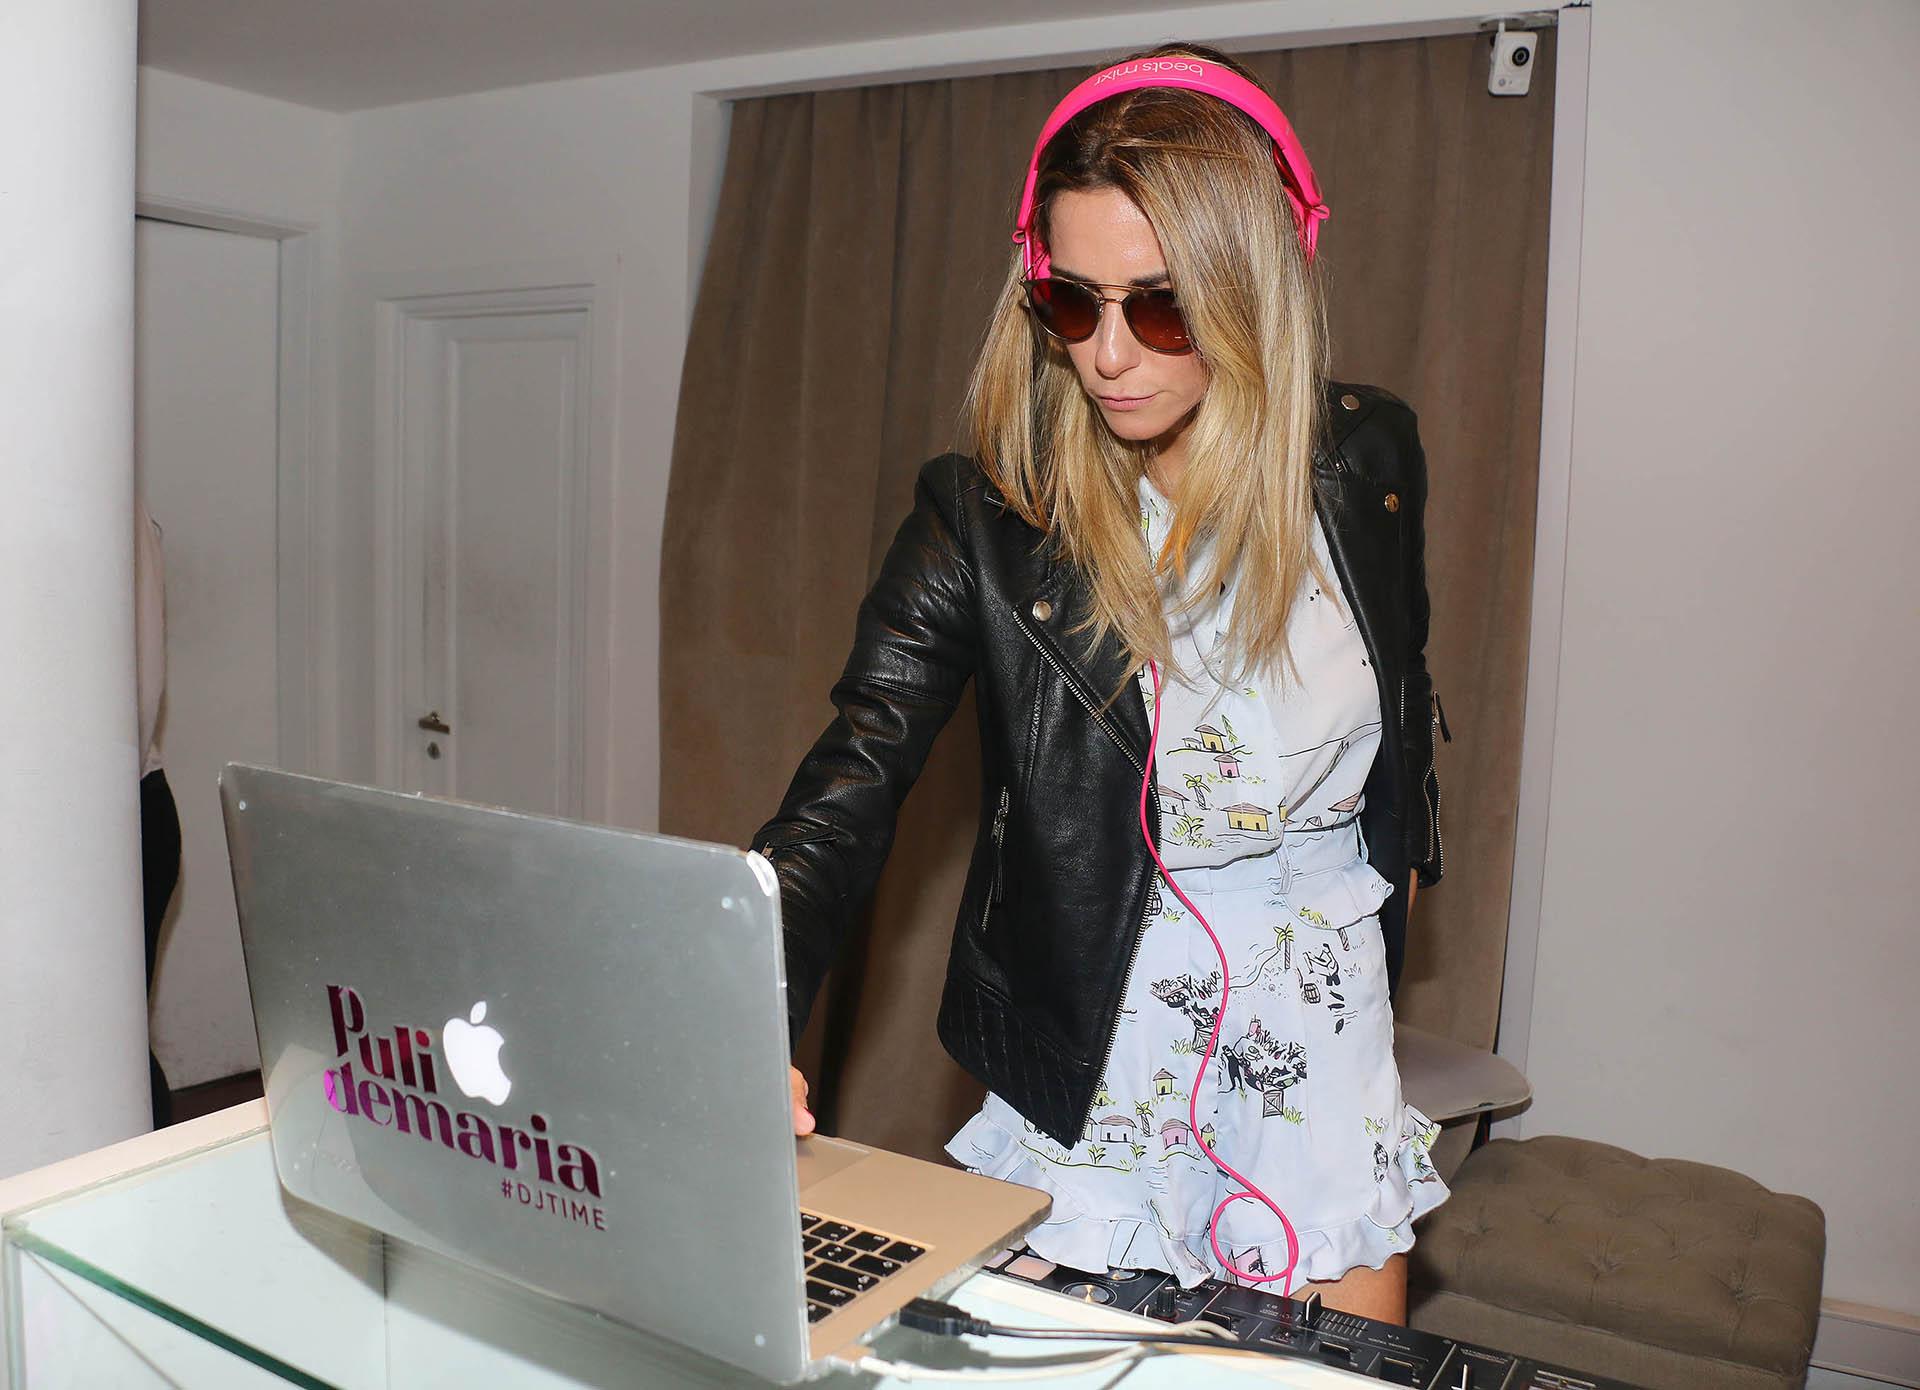 La DJ Puli Demaría